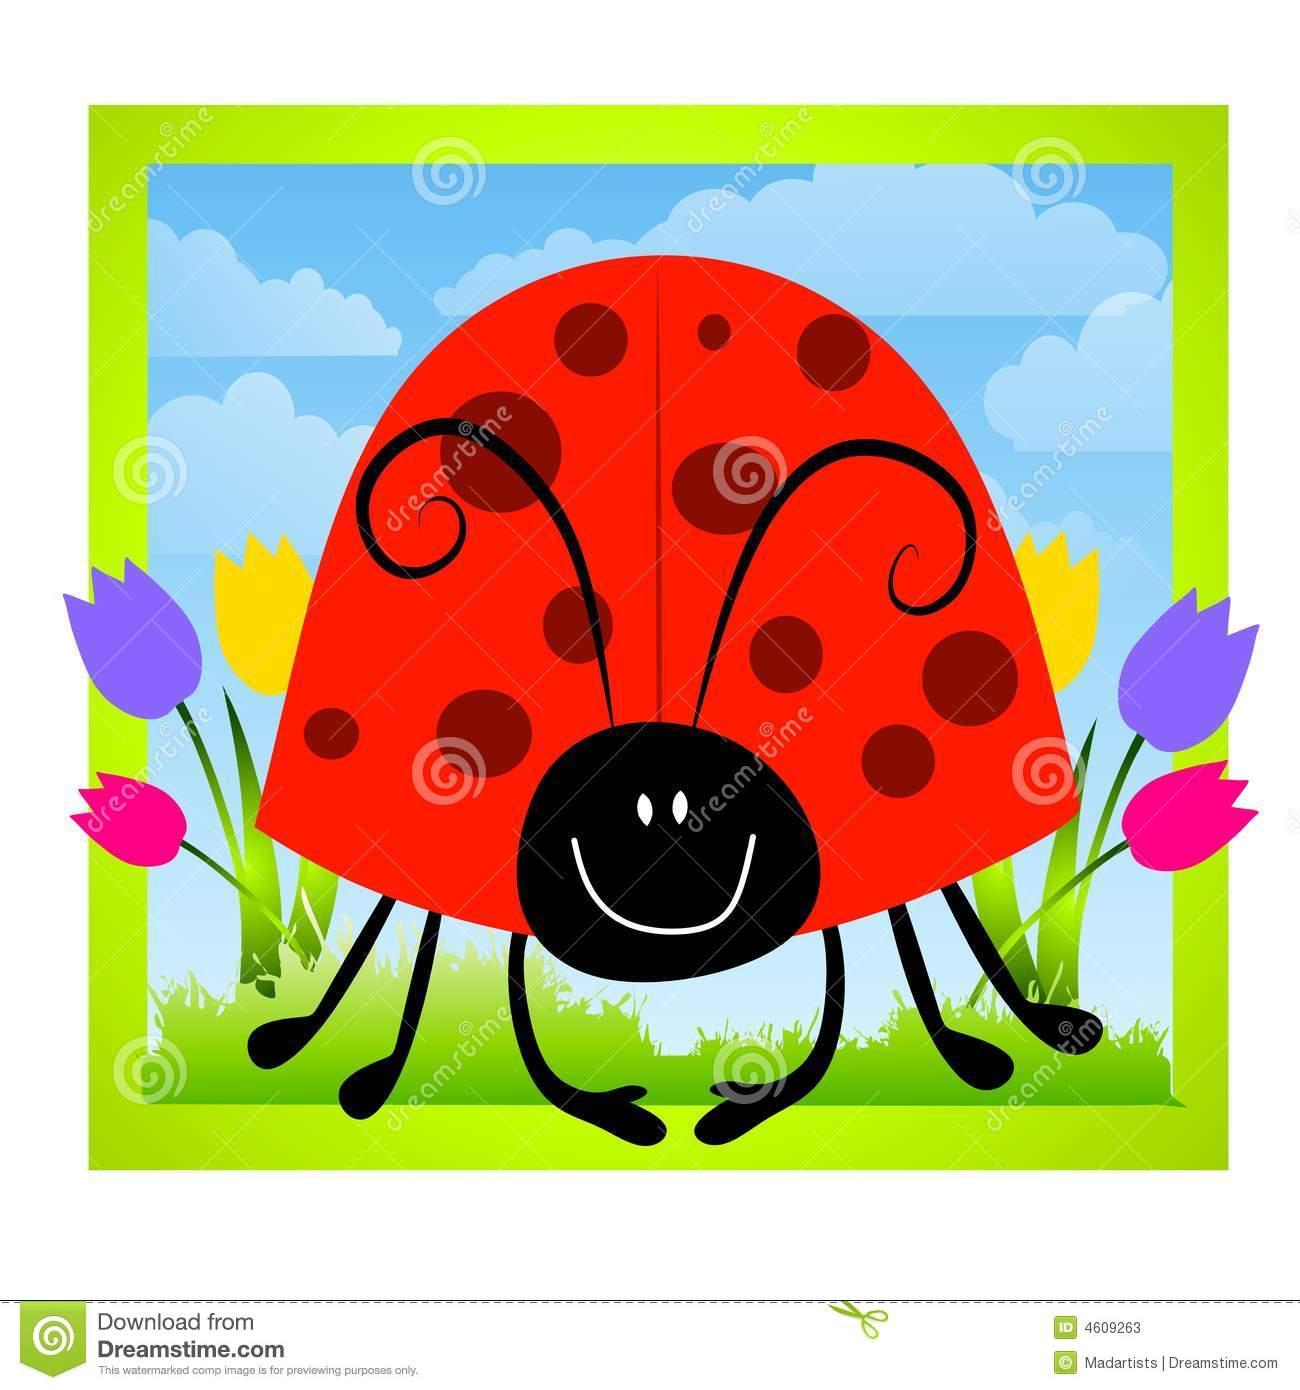 Cartoonish Ladybug Clip Art Stock Illustration.